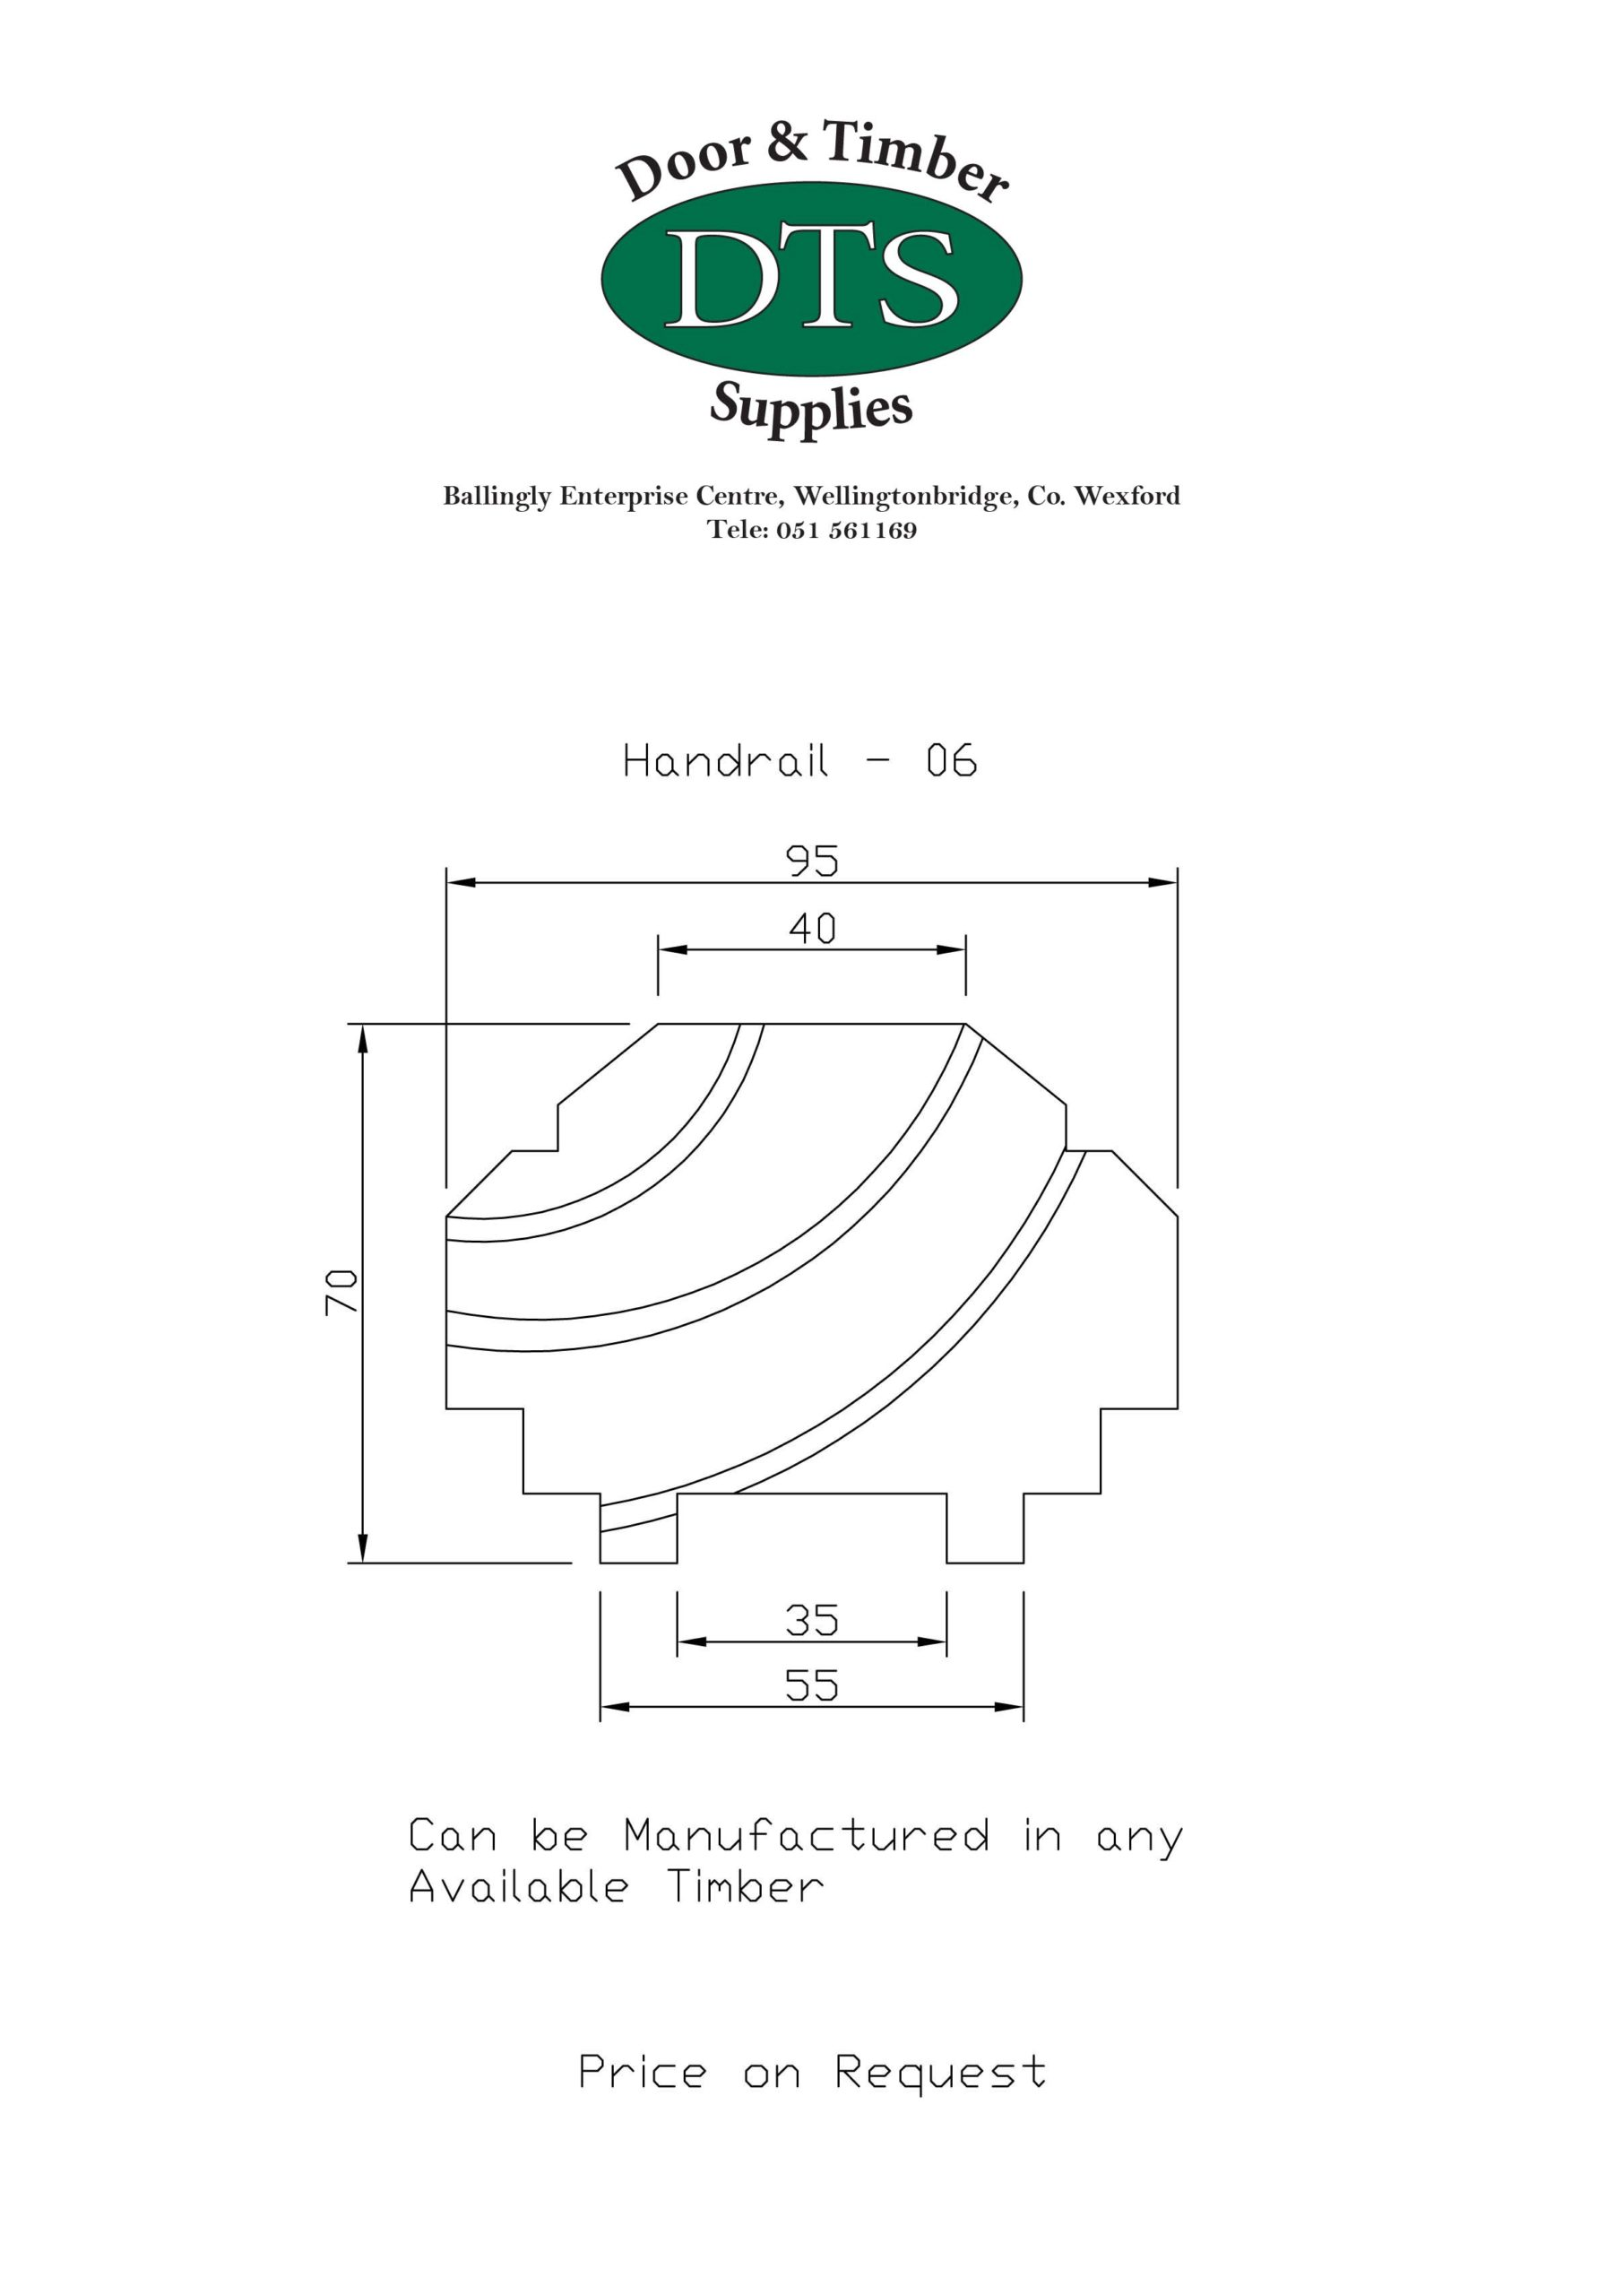 Door and Timber Supplies - Bespoke Handrails